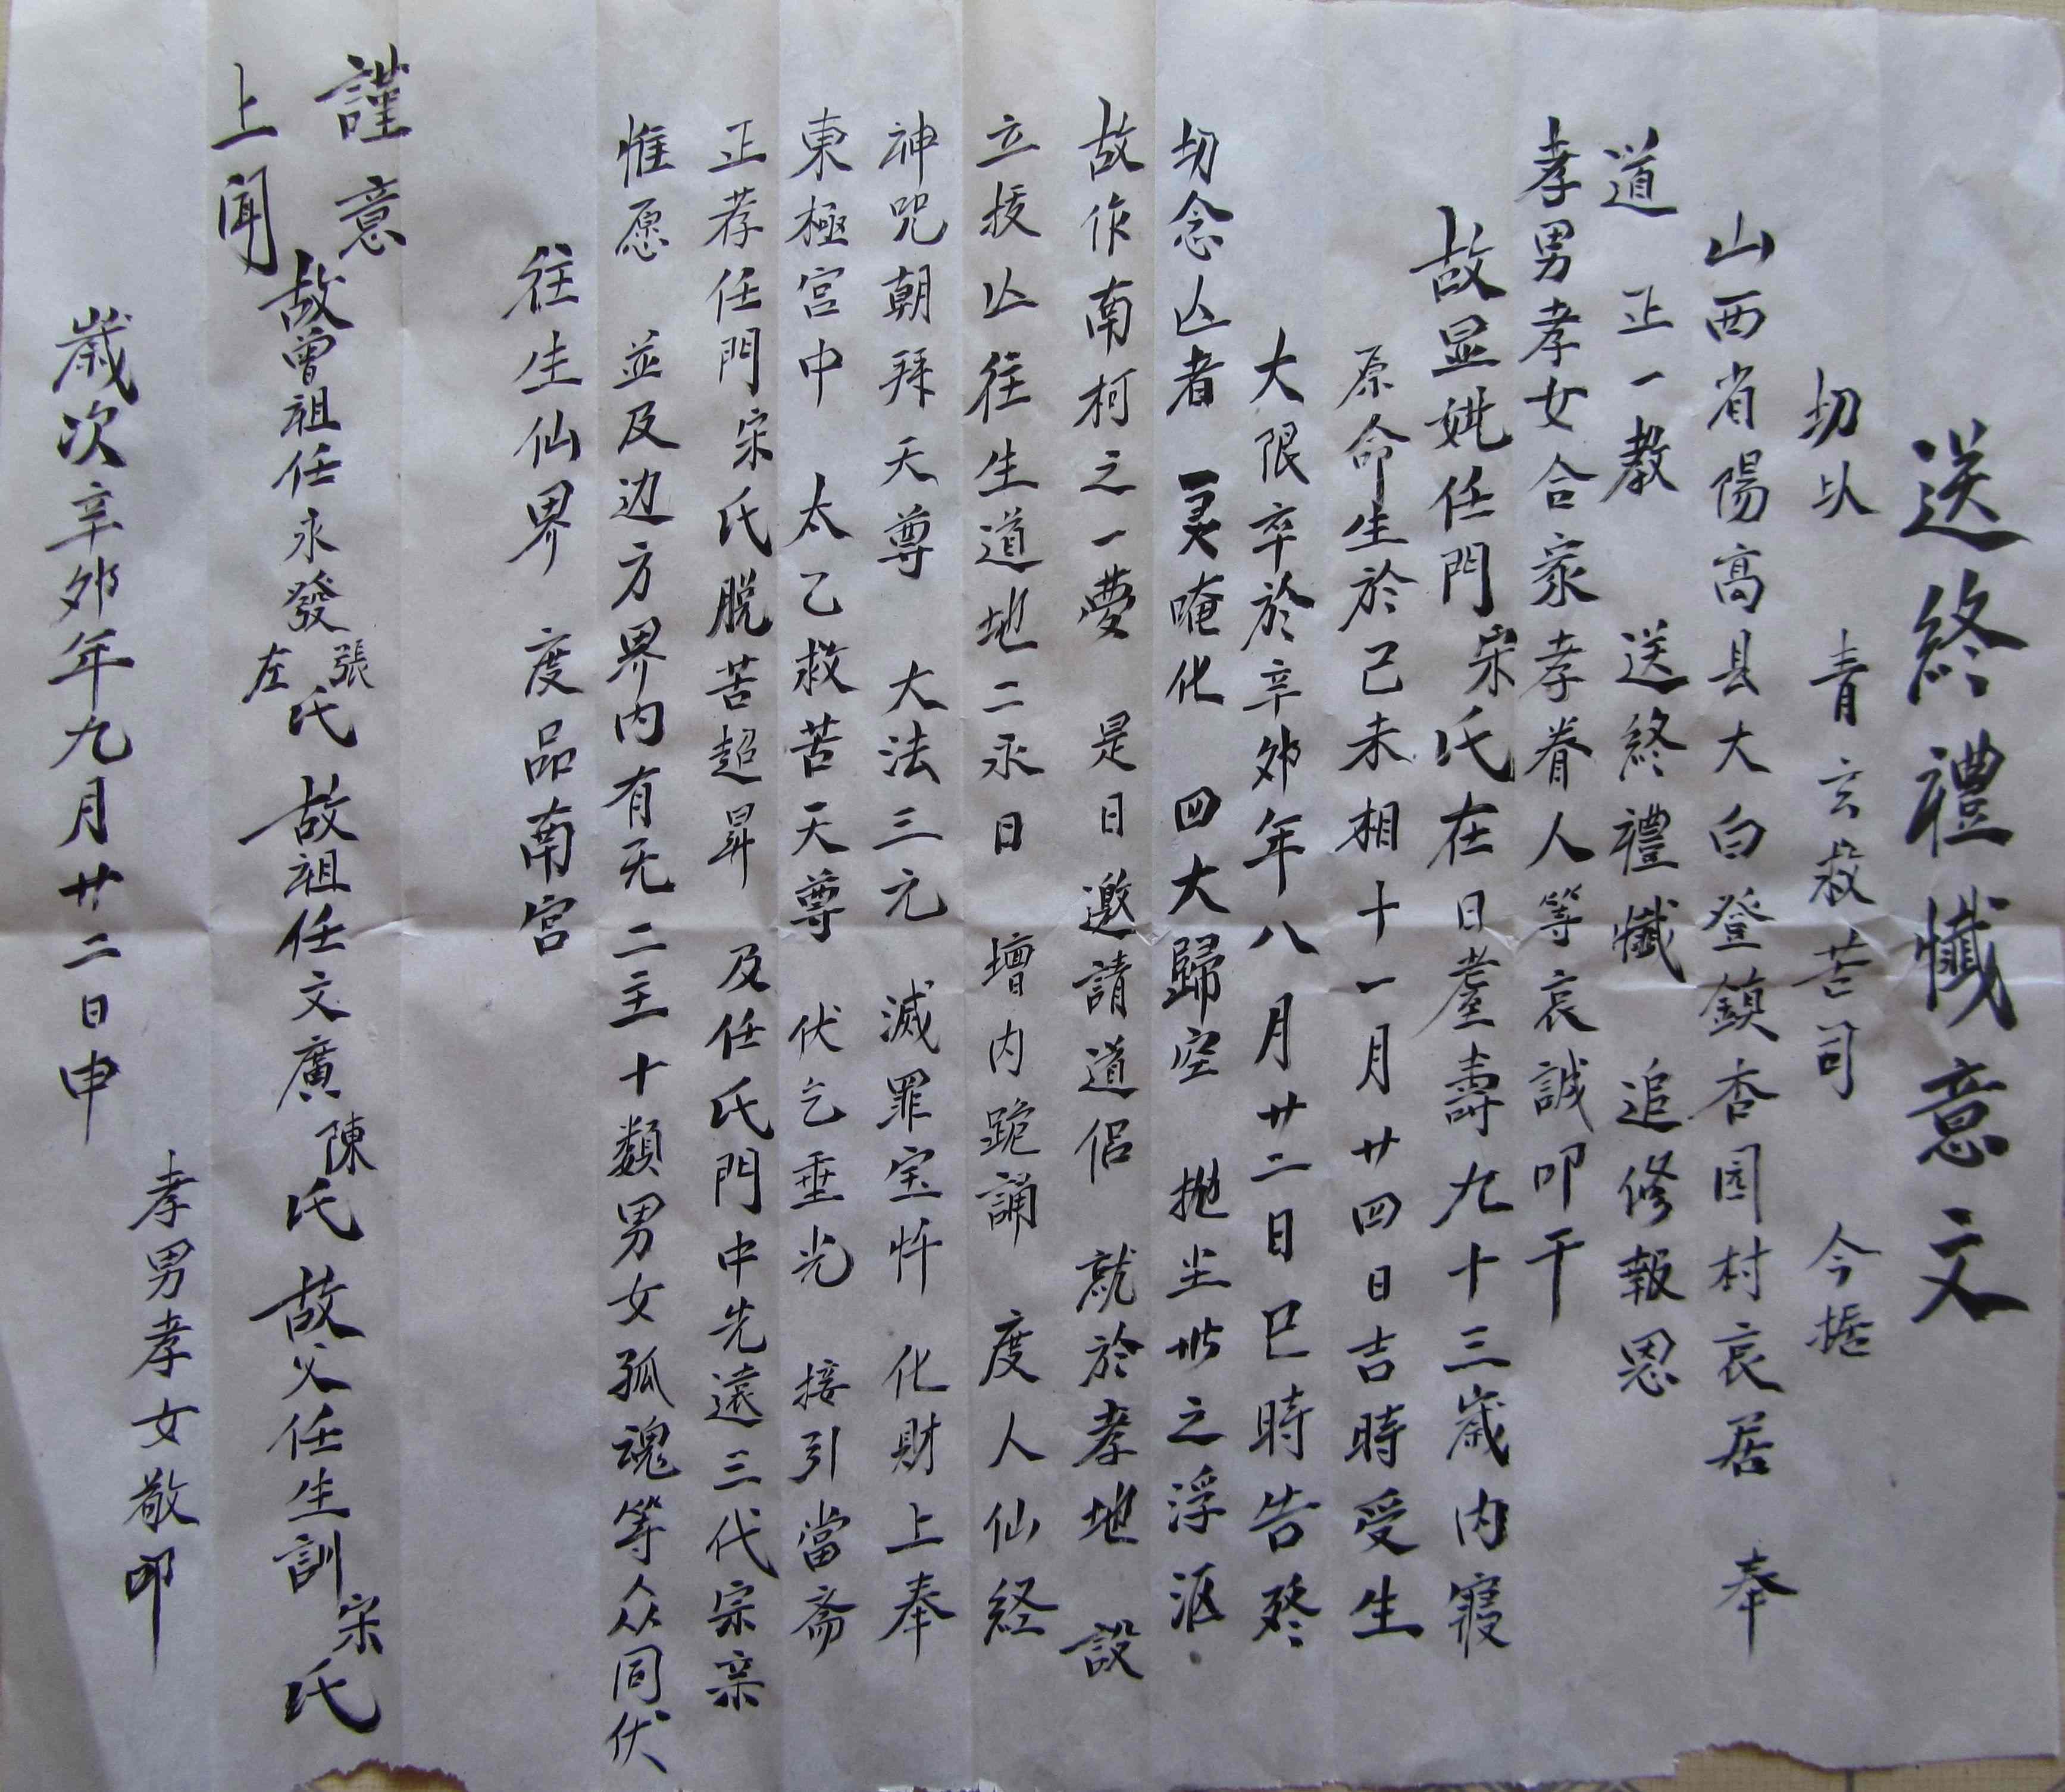 yiwen-copy-2